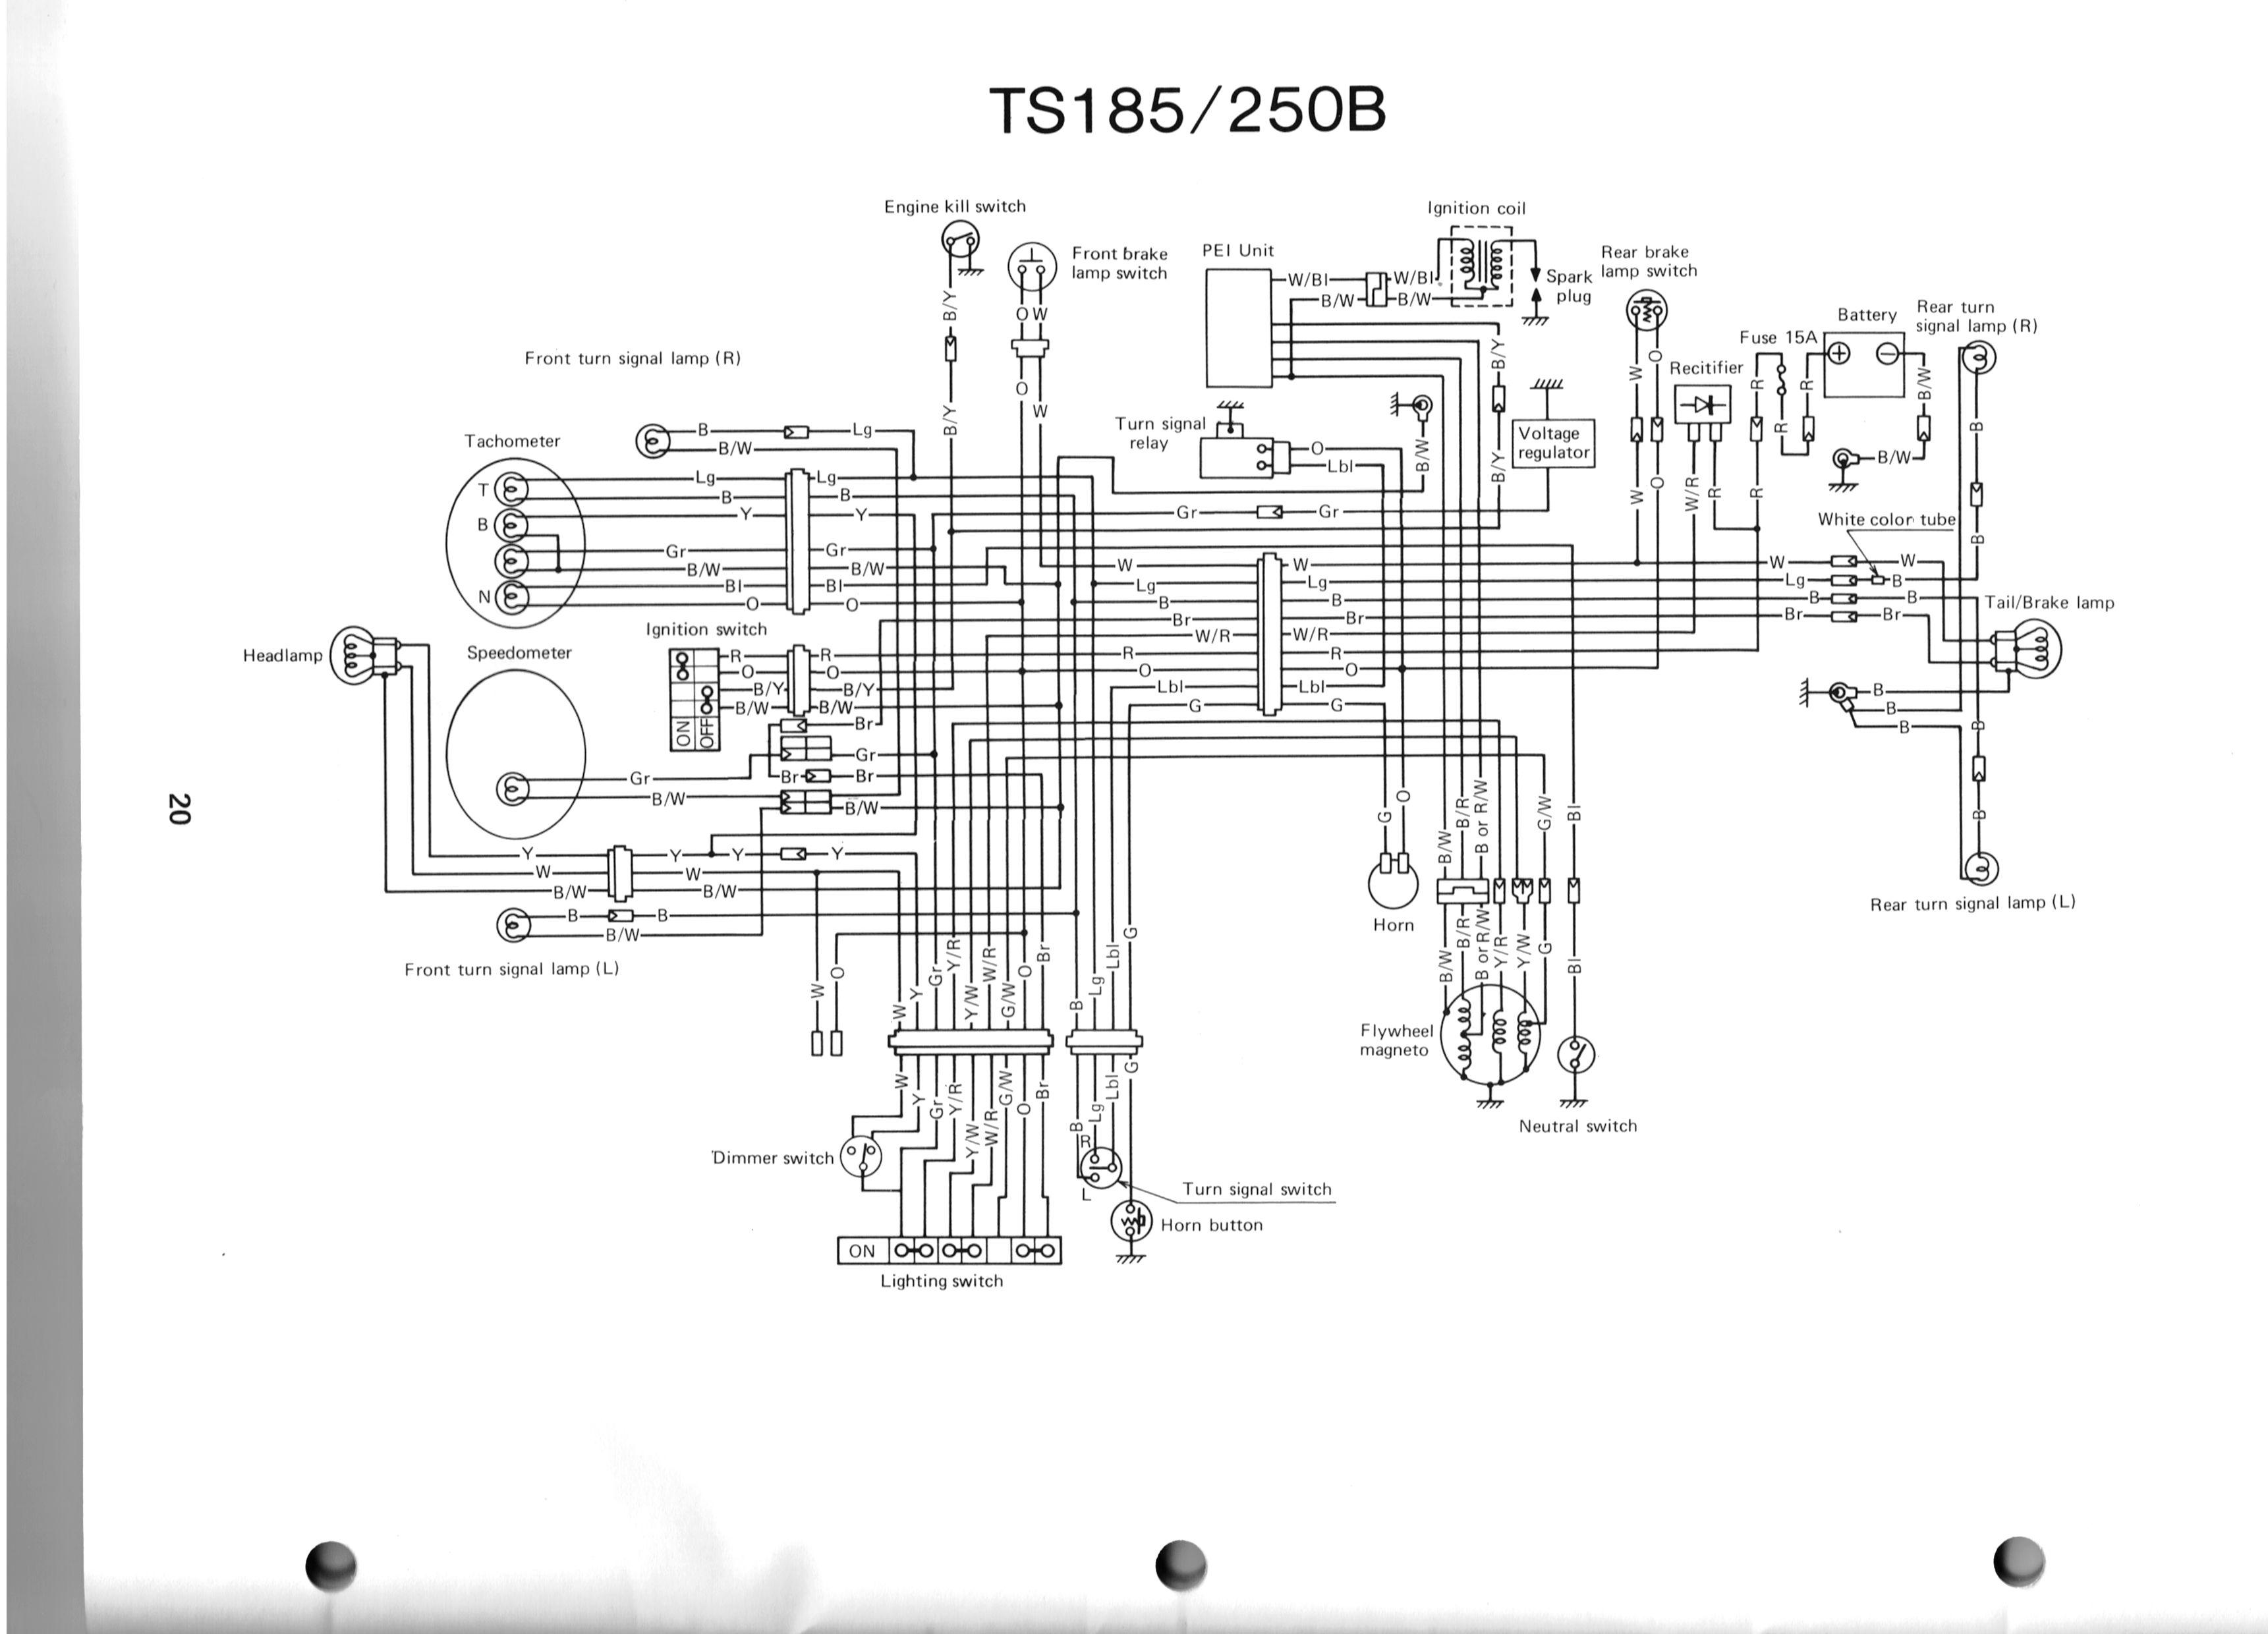 1981 Suzuki Gs450 Wiring Diagram - Car View Specs | Gs450 Wiring Diagram |  | Car View Specs